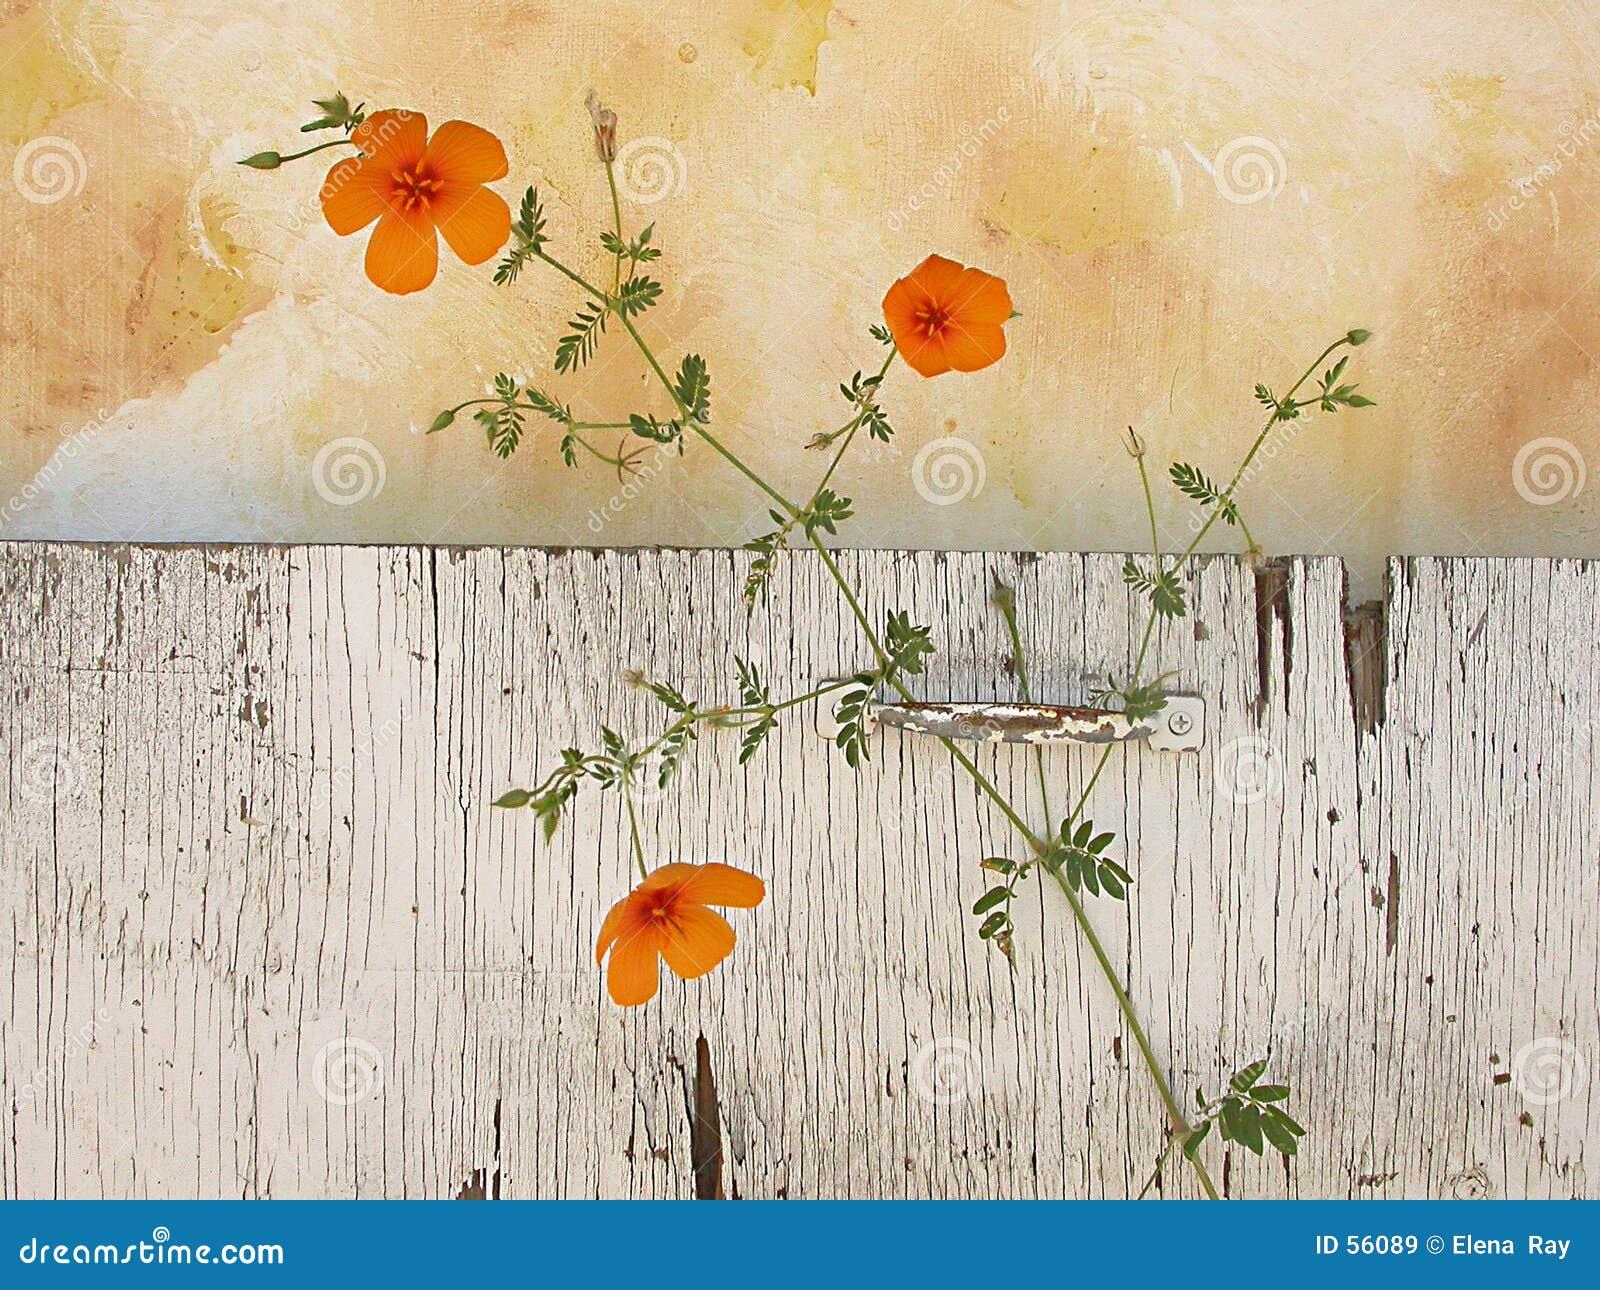 Download De Wildflowers Toujours Durée Image stock - Image du nature, durée: 56089